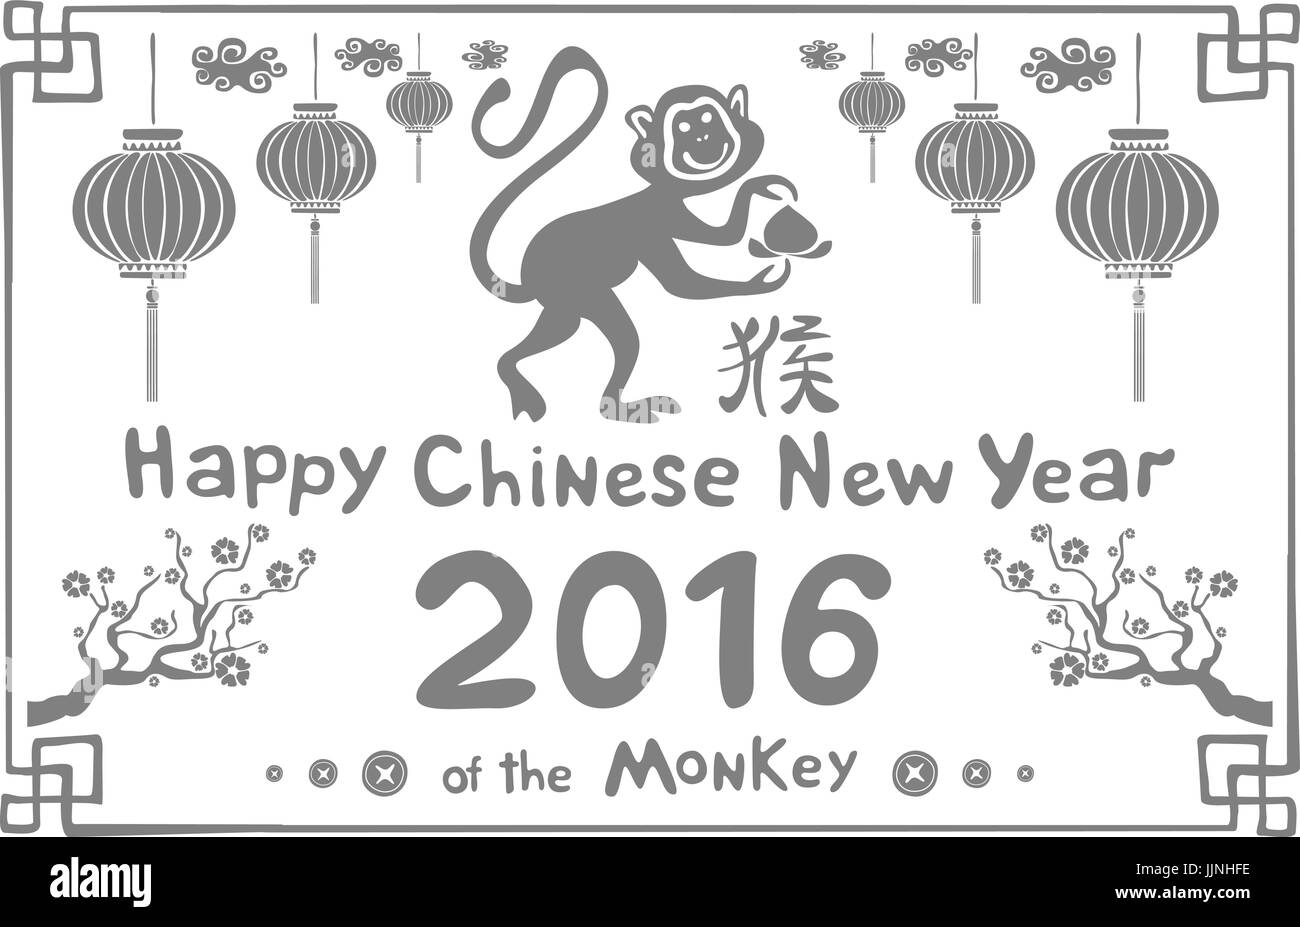 Handgezeichnete Chinese New Year Affen. Vektor-Illustration ...